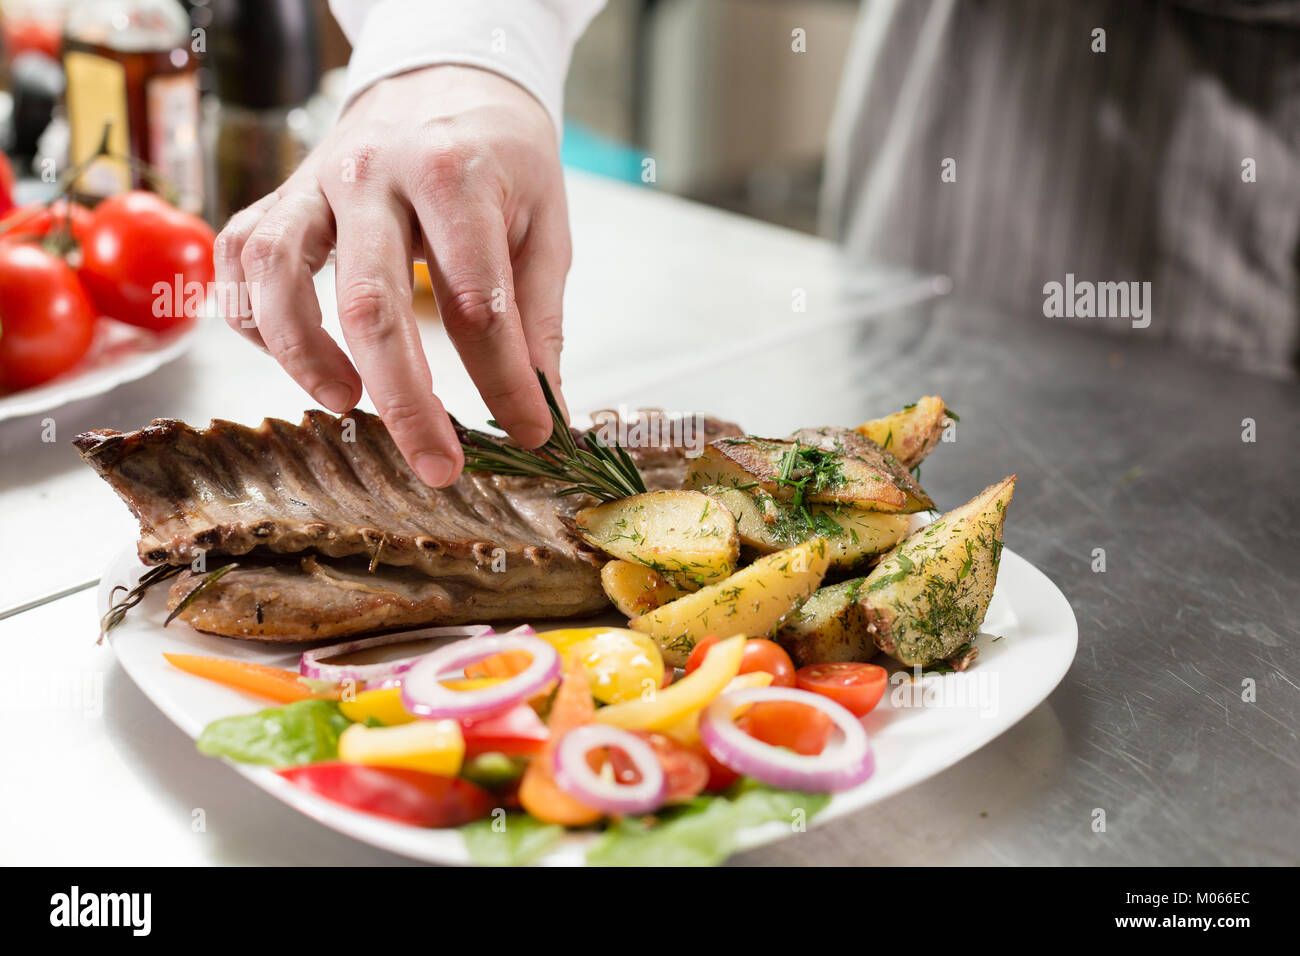 Der Küchenchef im Restaurant. Gegrillter Lammrücken mit Bratkartoffeln und frischem Gemüse. closeup Stockbild